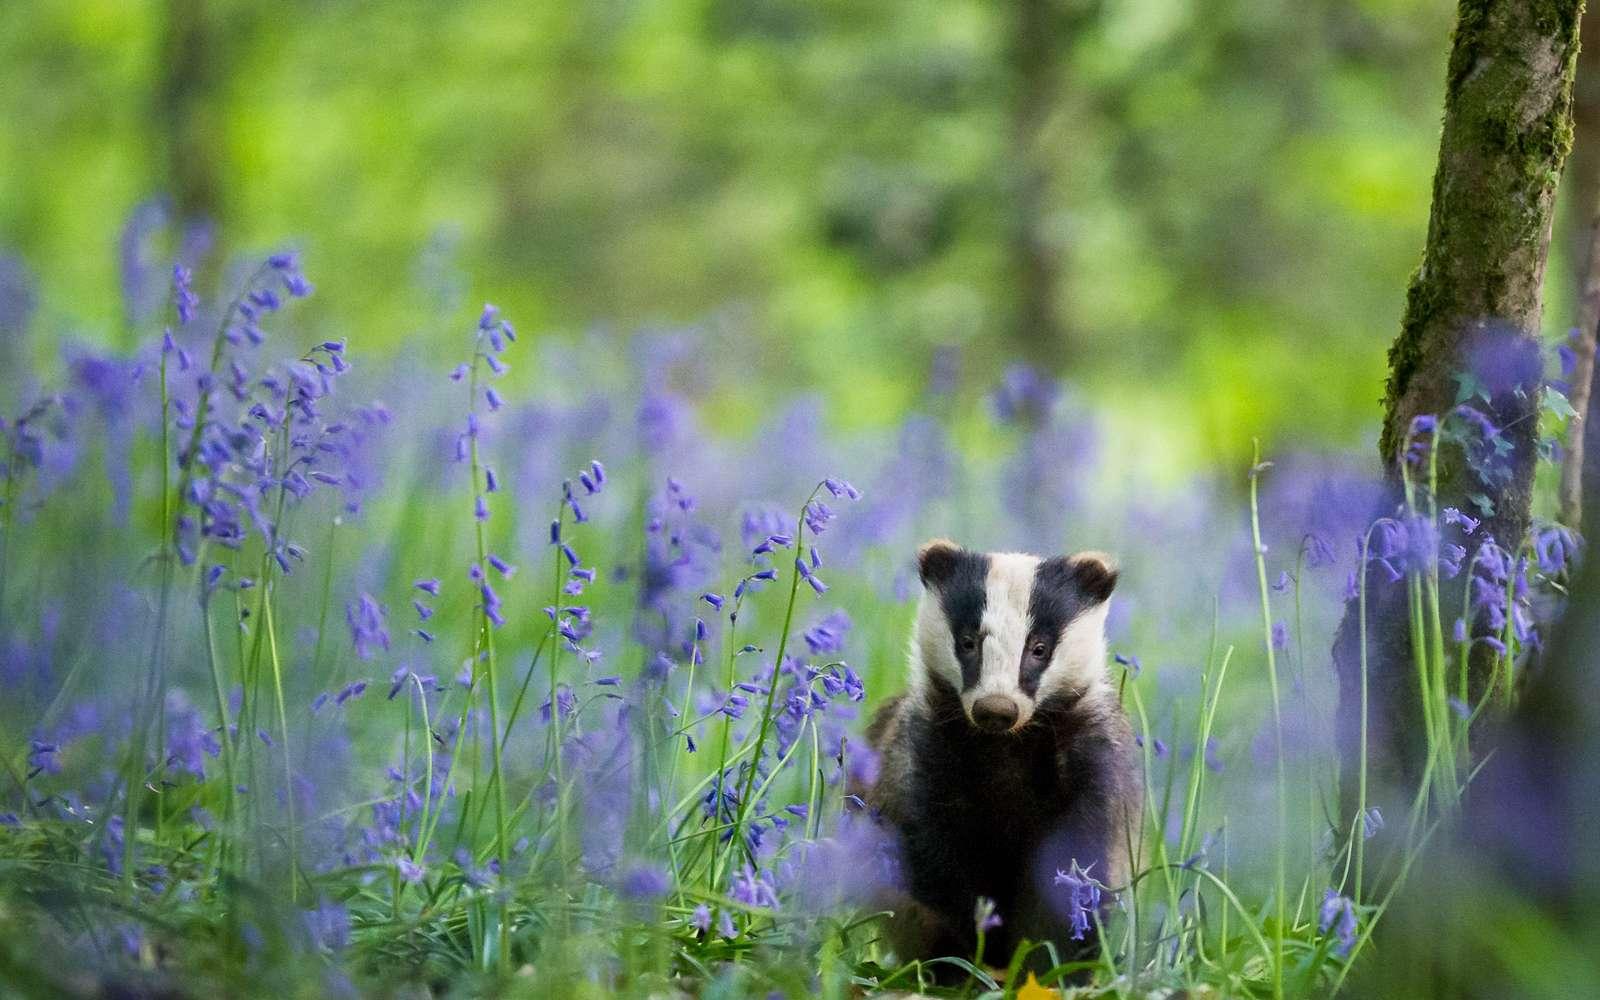 Badger Blues, une des photos gagnantes du concours Nature TTL Photographer of the Year 2020. © Nature TTL, Dave Hudson